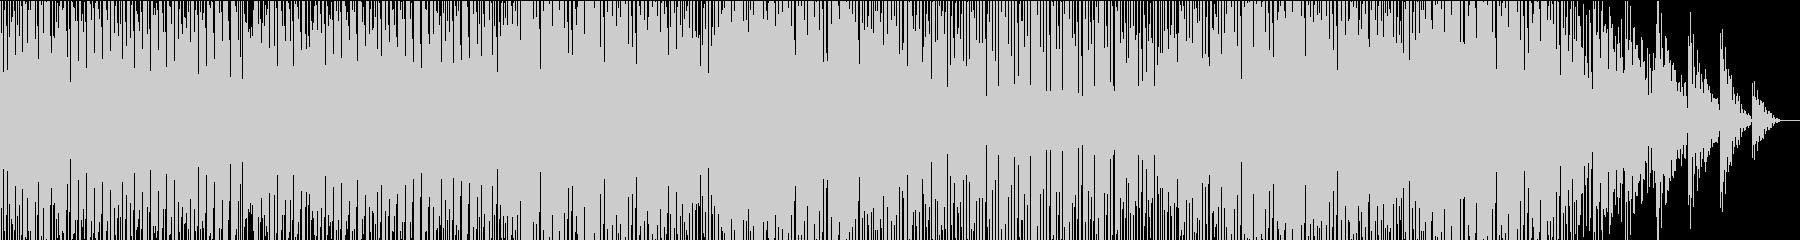 時代を駆ける熱い厚いでもクールなビートの未再生の波形